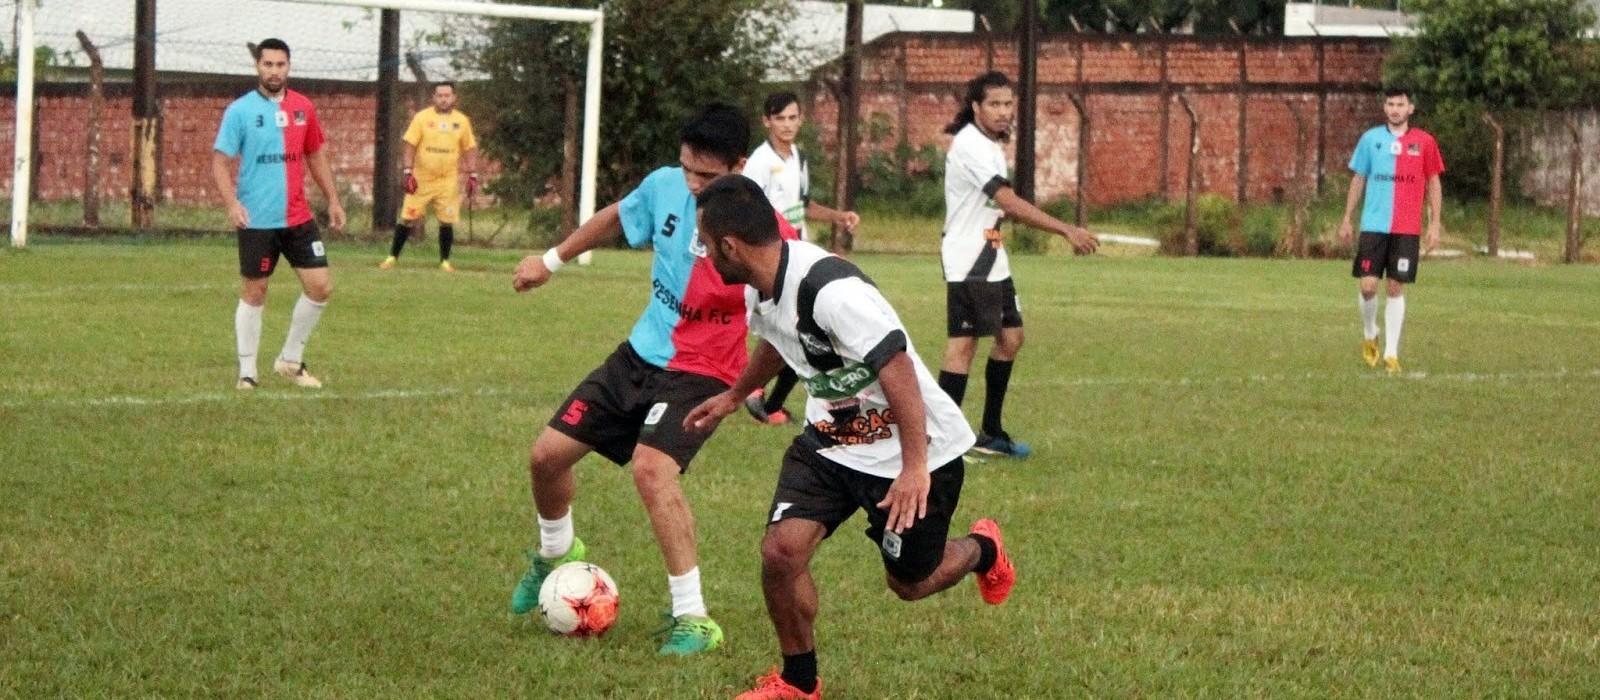 Jogadores de futebol amador de Cascavel prometem fazer protesto em frente à prefeitura